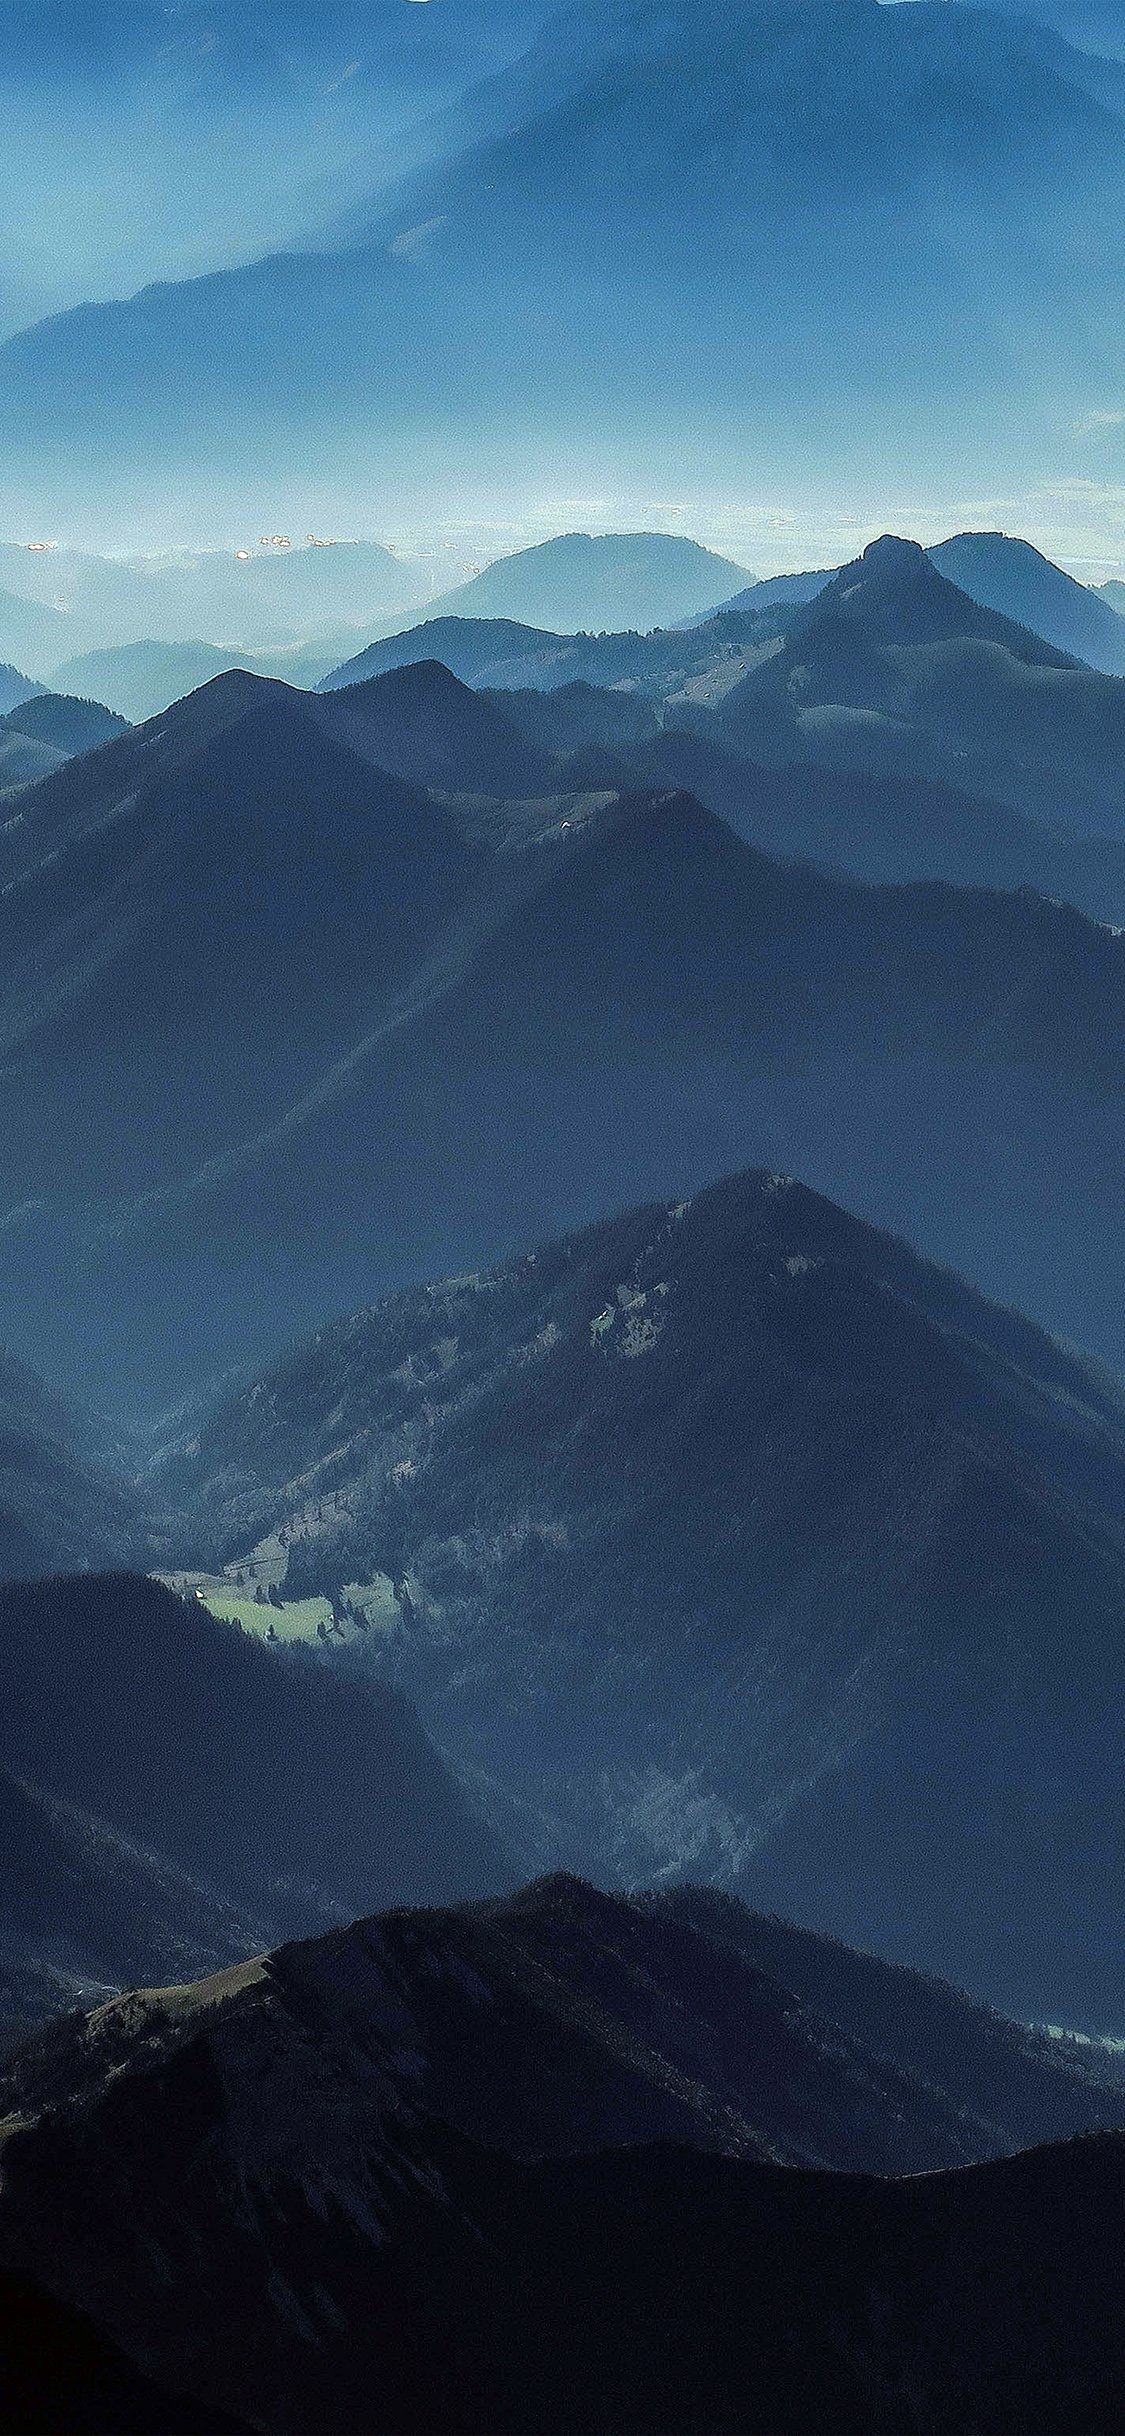 Blue Mountain Wallpaper Hd | 3D Wallpapers #darkiphonewallpaper